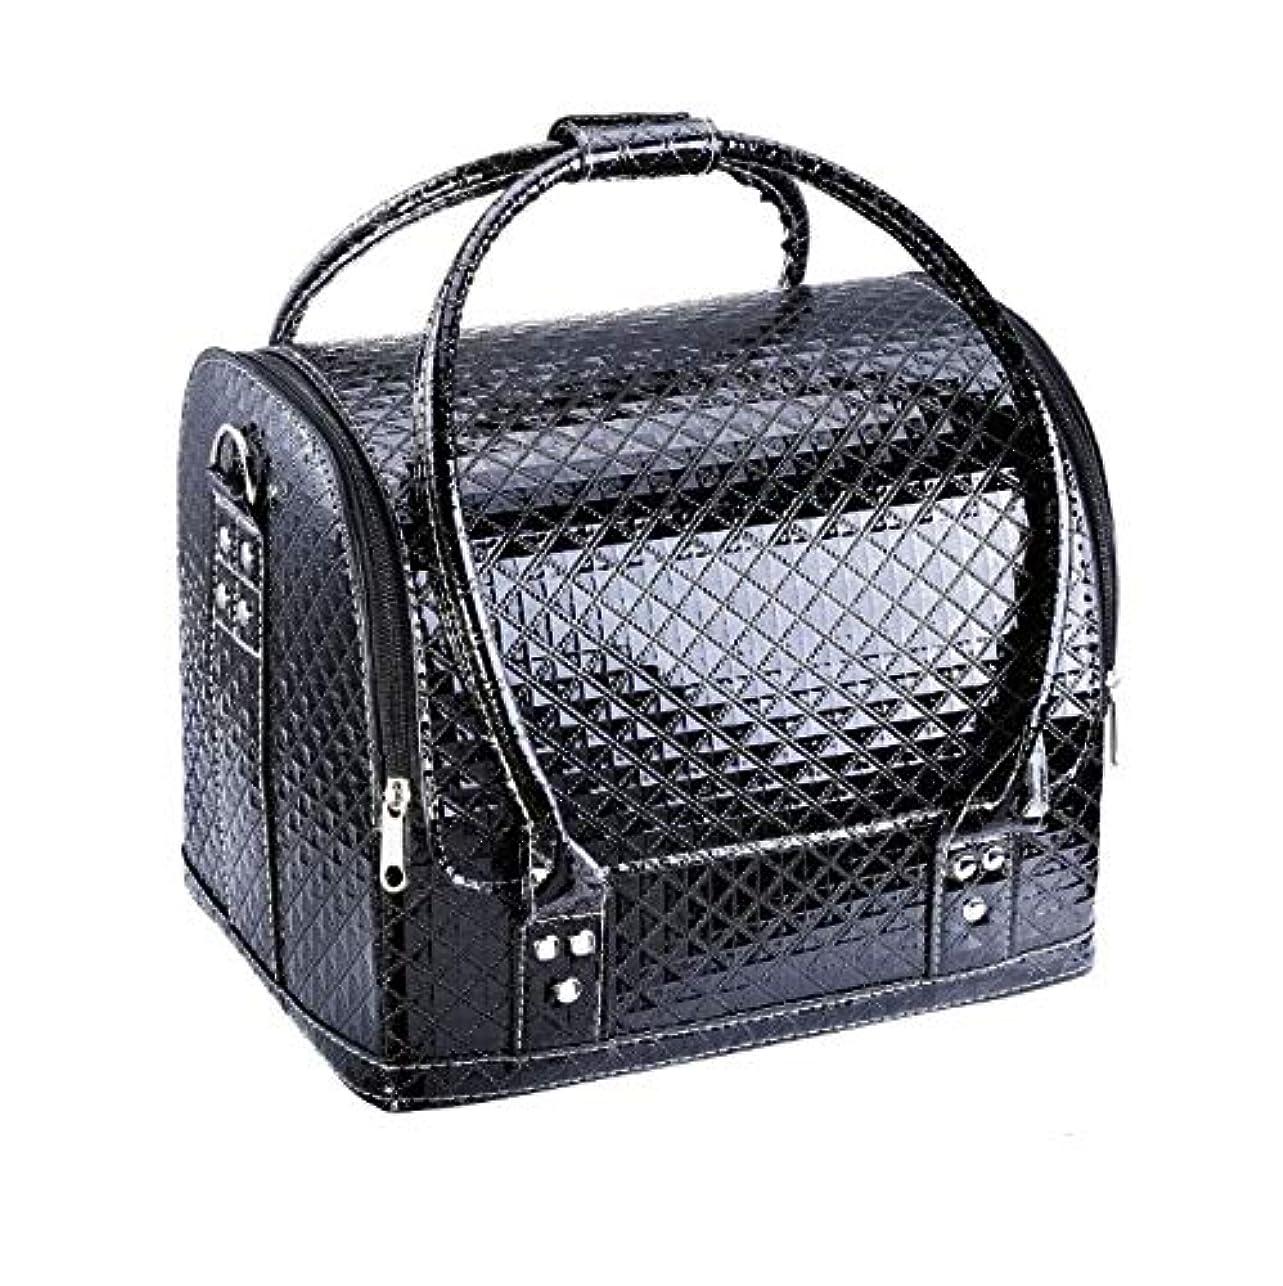 リンケージカフェヘビー化粧箱、大容量ダブルオープンポータブル化粧品ケース、ポータブルダイヤモンドパターン旅行化粧品バッグ、美容ネイルジュエリー収納ボックス